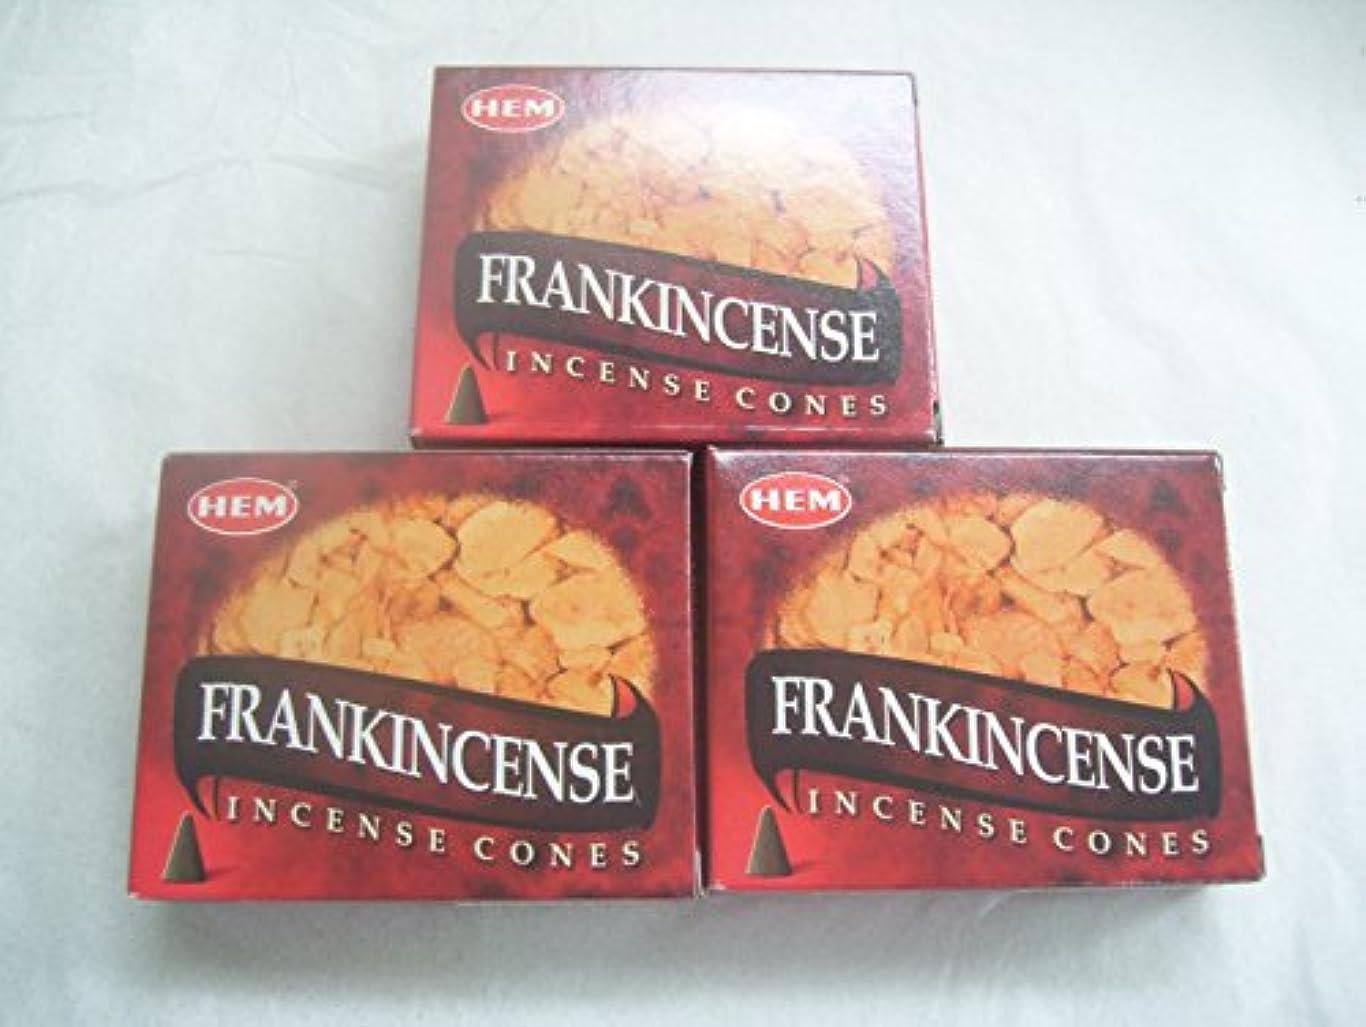 生命体電報ソーダ水Hemフランクインセンス香コーン、3パックの10 Cones = 30 Cones